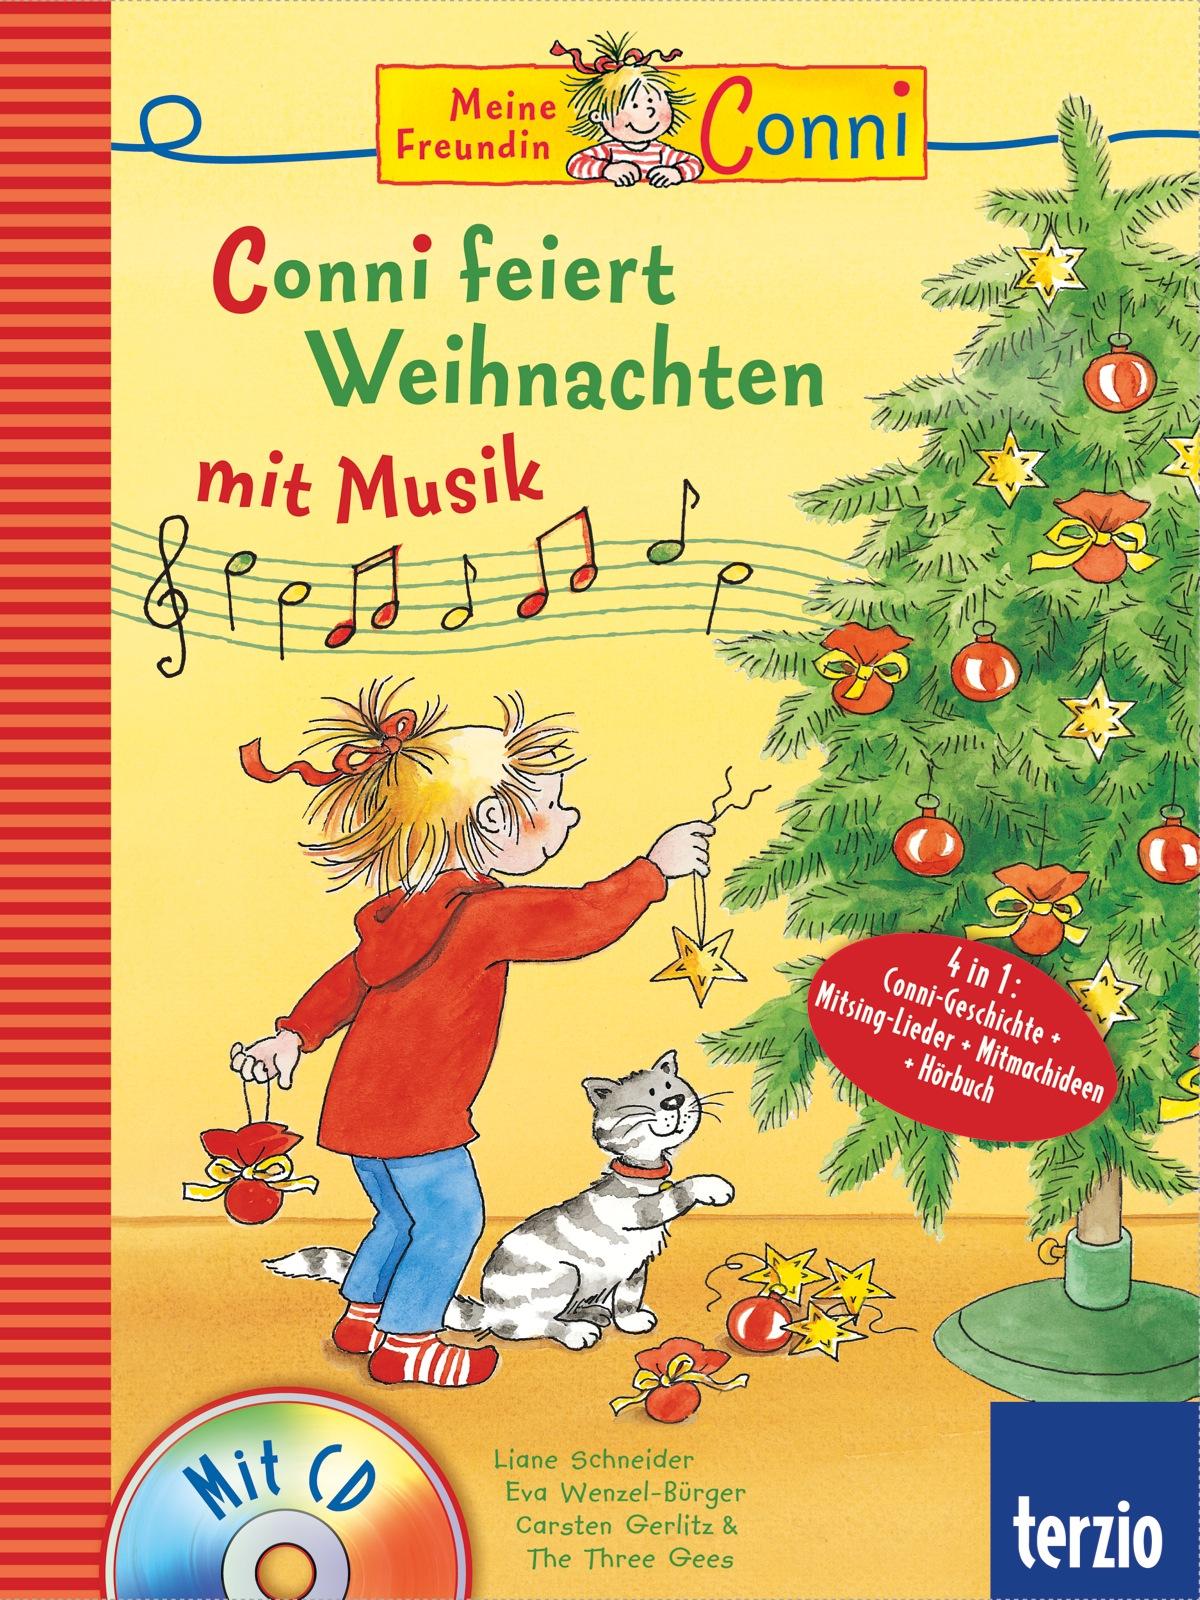 Conni Musicalbuch: Conni feiert Weihnachten mit...